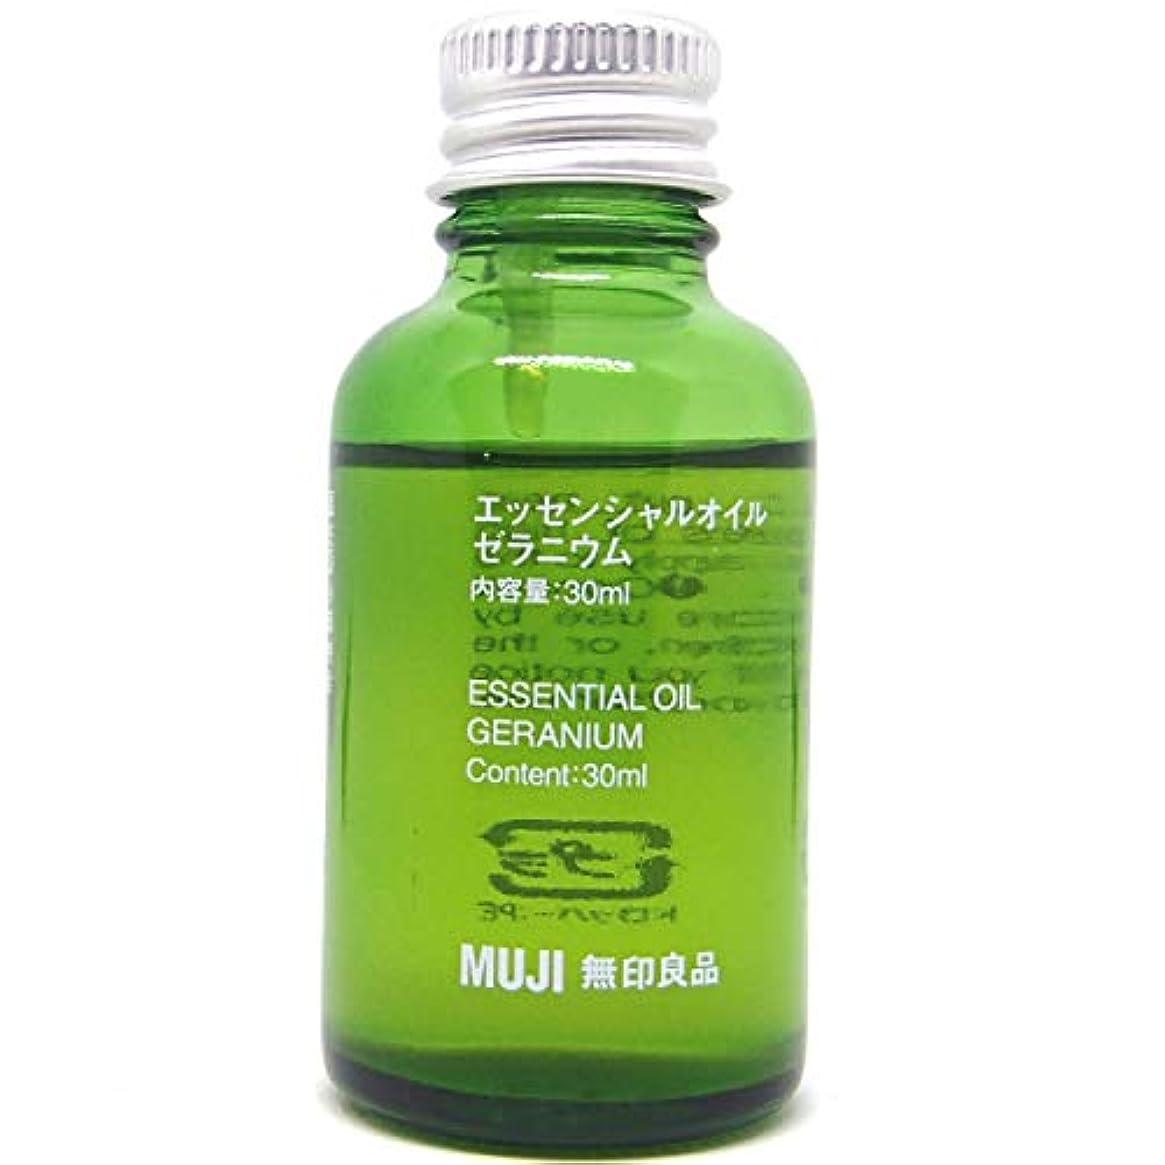 シンプトンナース合理化【無印良品】エッセンシャルオイル30ml(ゼラニウム)